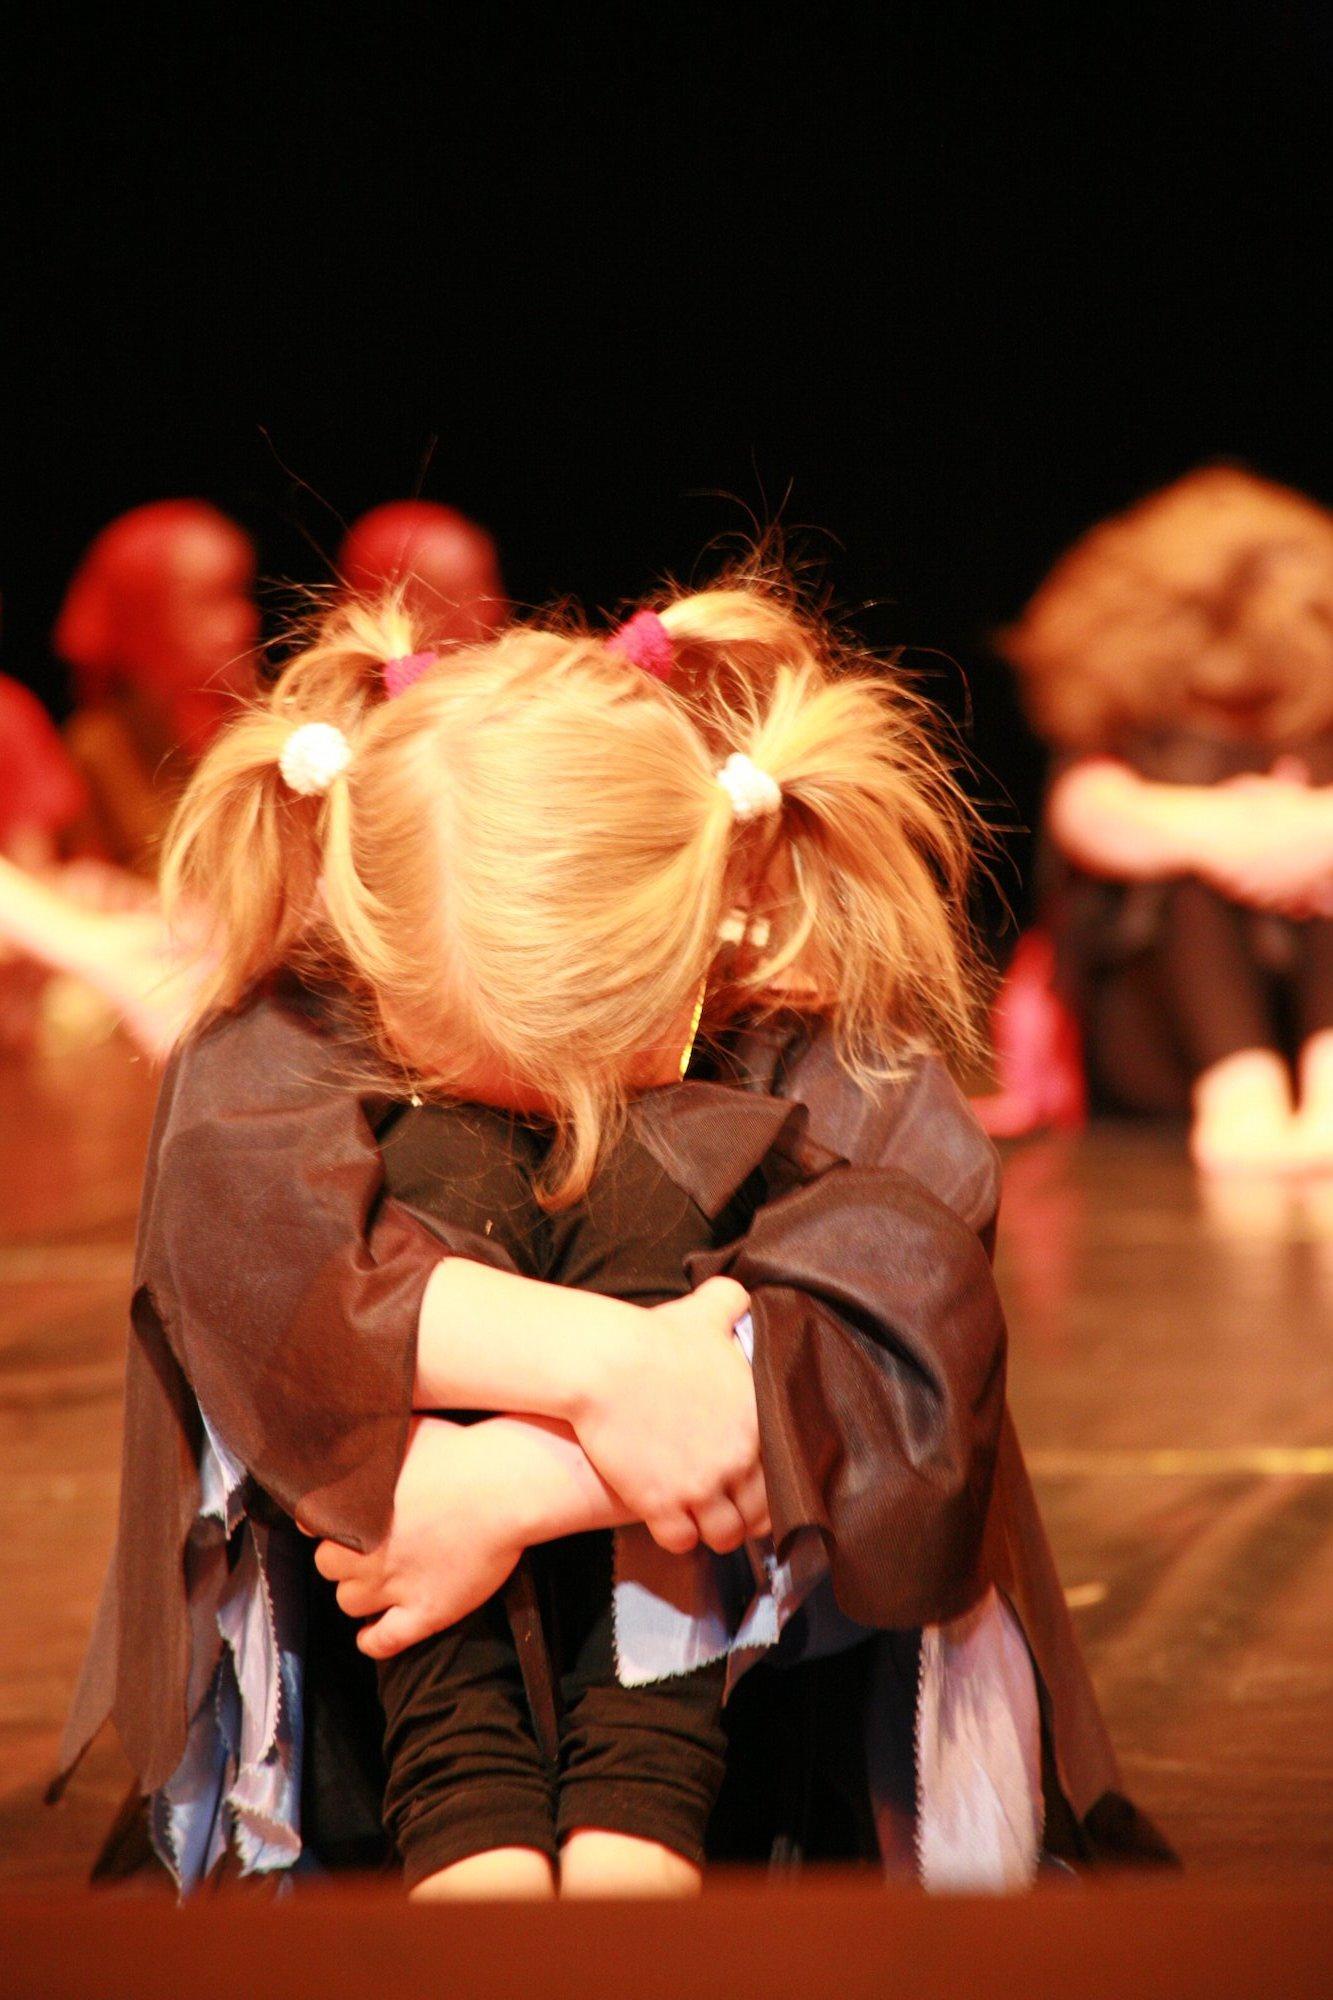 4-IMG_0249lolaroggeschule-kinderauffuehrung-diekleinehexe-herve-2006